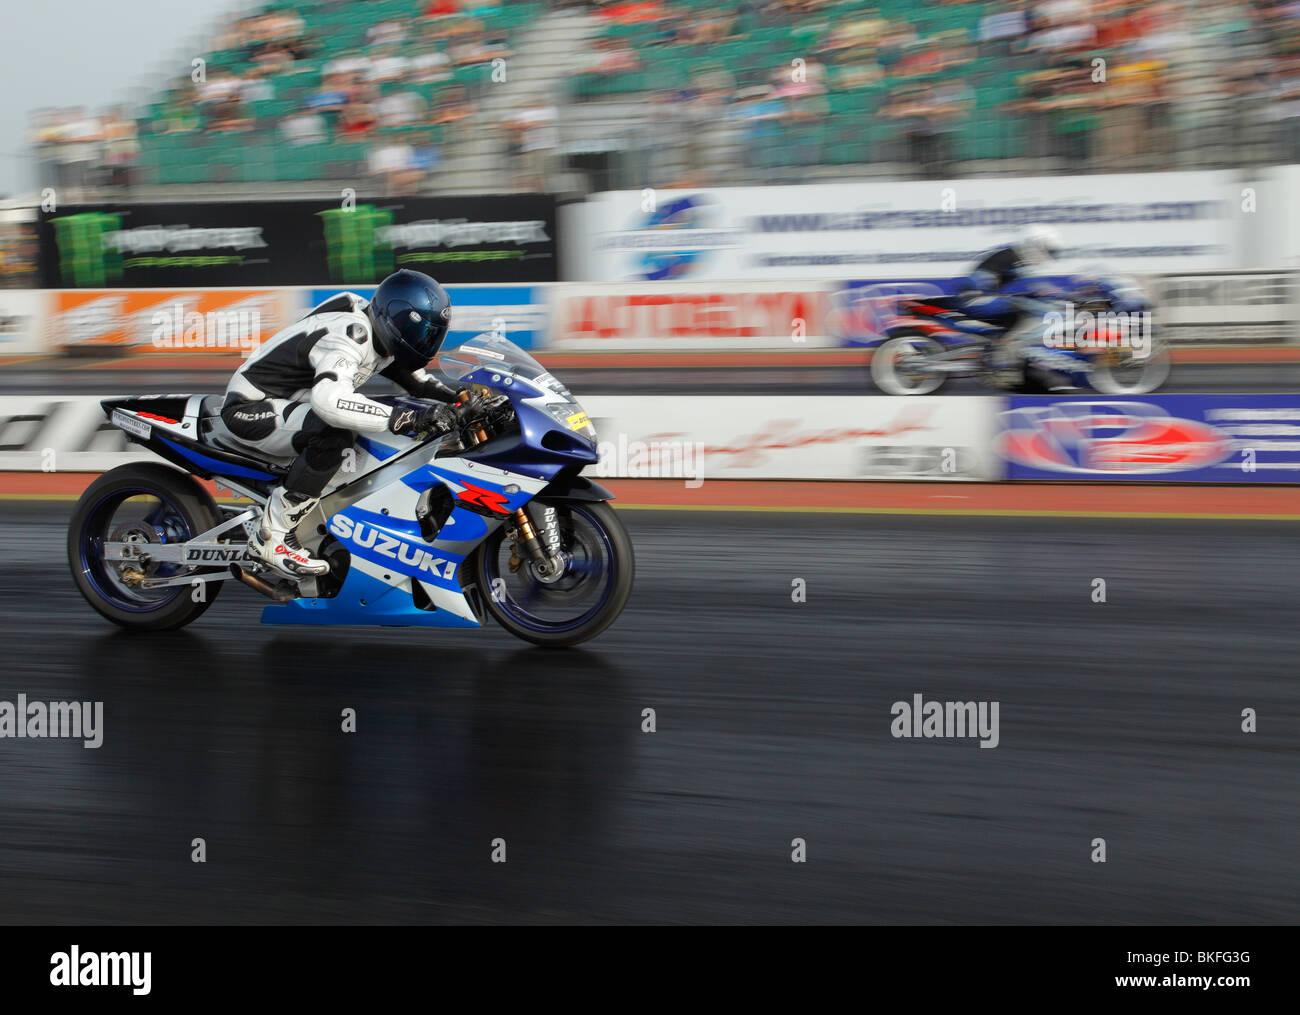 Speeding Suzuki GSXR 1000 motorbike ridden by Aaron Sparks (nearside). - Stock Image